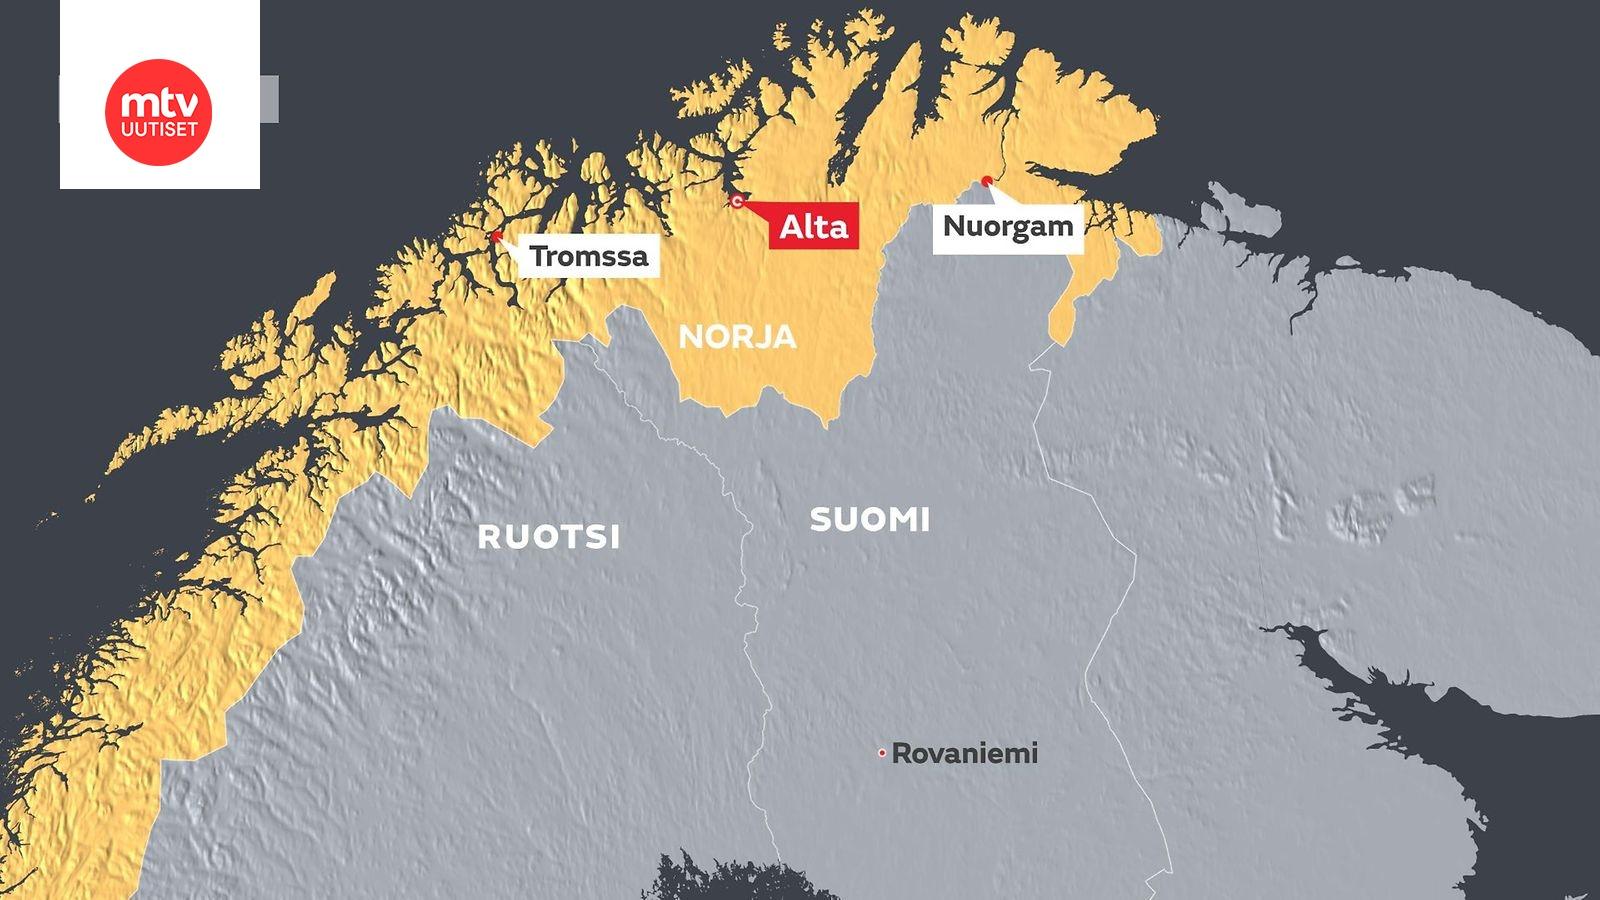 Norjalaismedia Kaikki Kuusi Kyydissa Ollutta Kuolivat Norjan